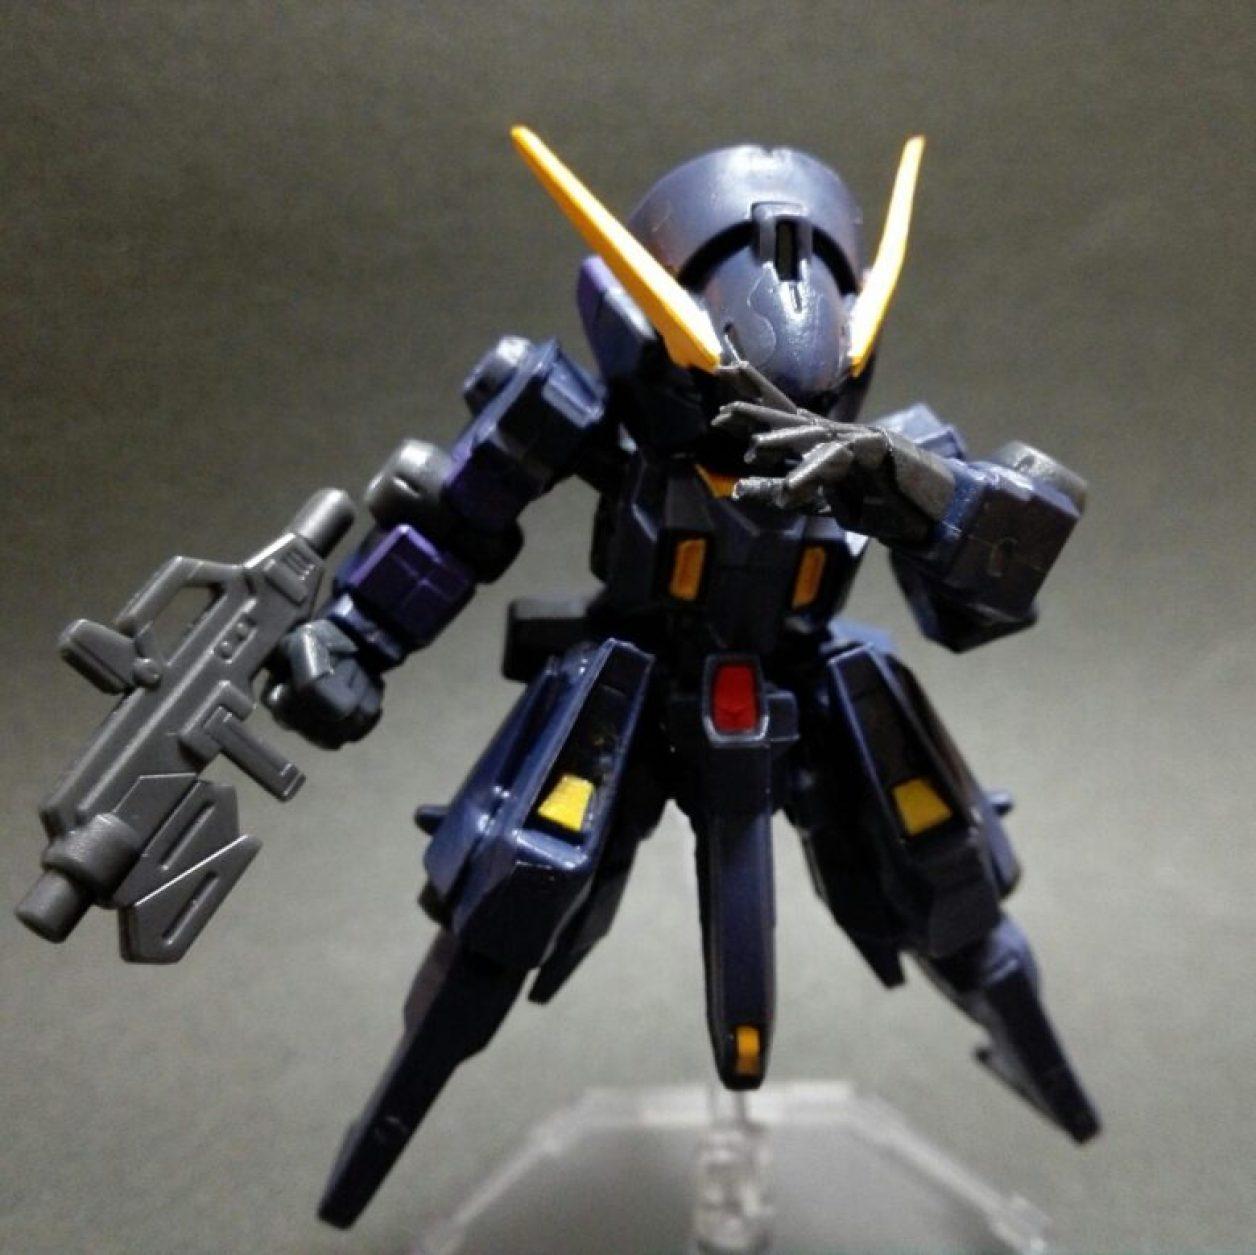 mobile suit ensemble(モビルスーツアンサンブル)4.5弾ウーンドウォート(ティターンズカラー)にビーム・ライフルを装備させてコトブキヤのミニフライングベースでディスプレイしている状態の画像